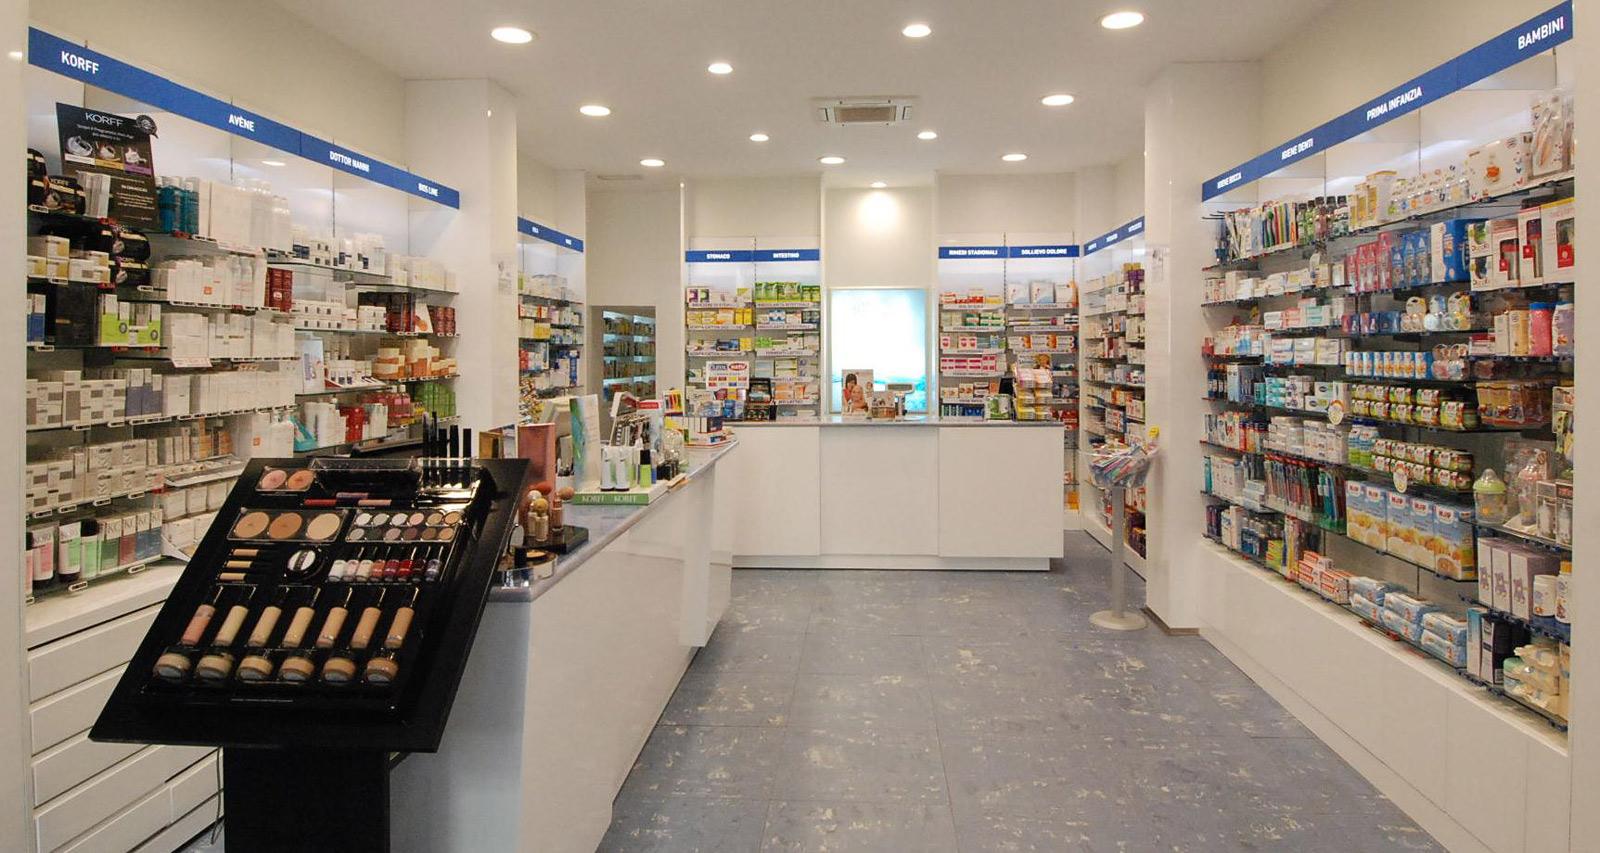 Sebrim sebrim arredo farmacie parafarmacie studi for Bottigelli arredi farmacia